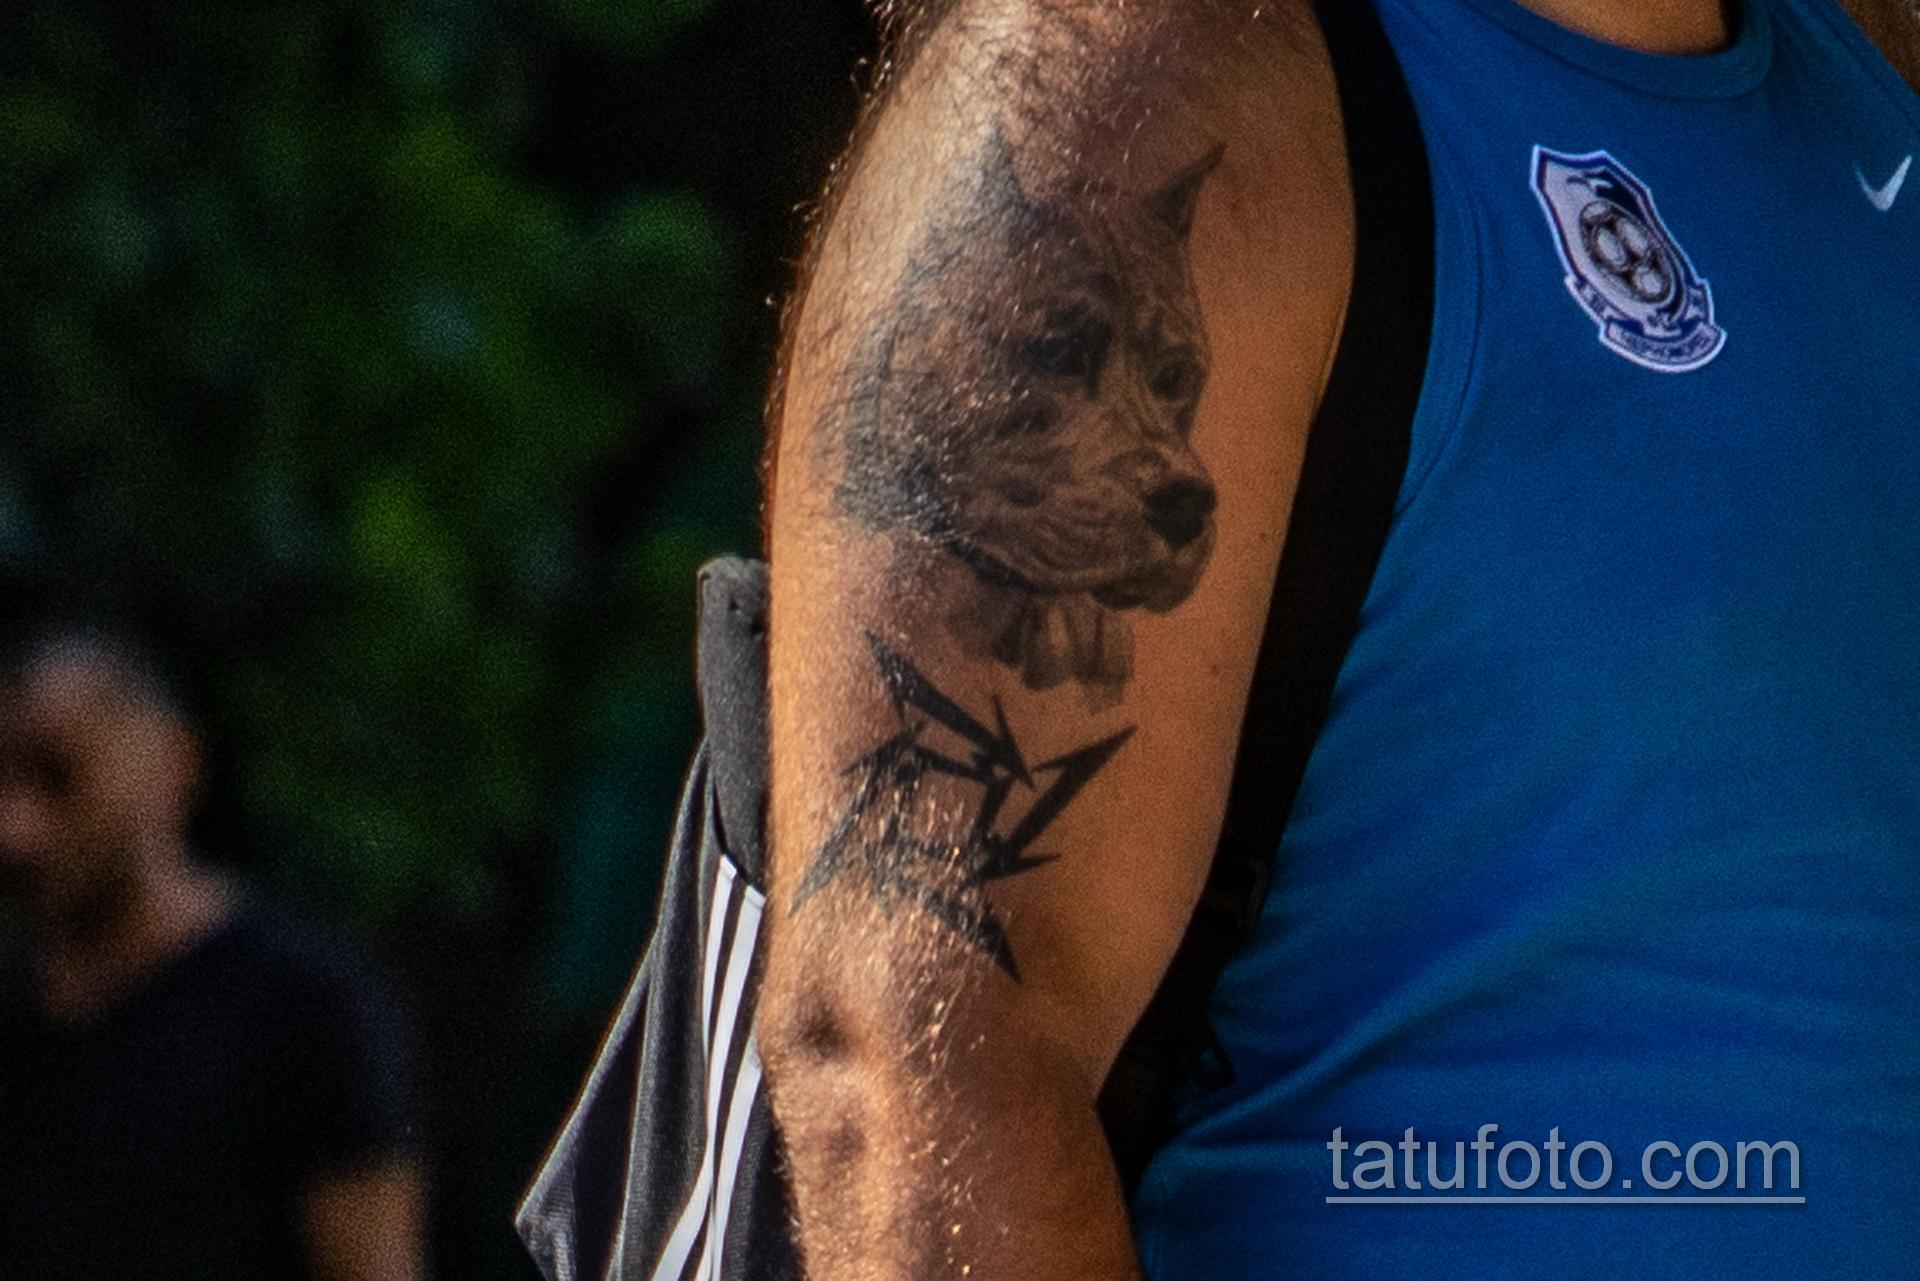 Тату с мордой Пита на правом плече мужчины – Уличная татуировка 14.09.2020 – tatufoto.com 2